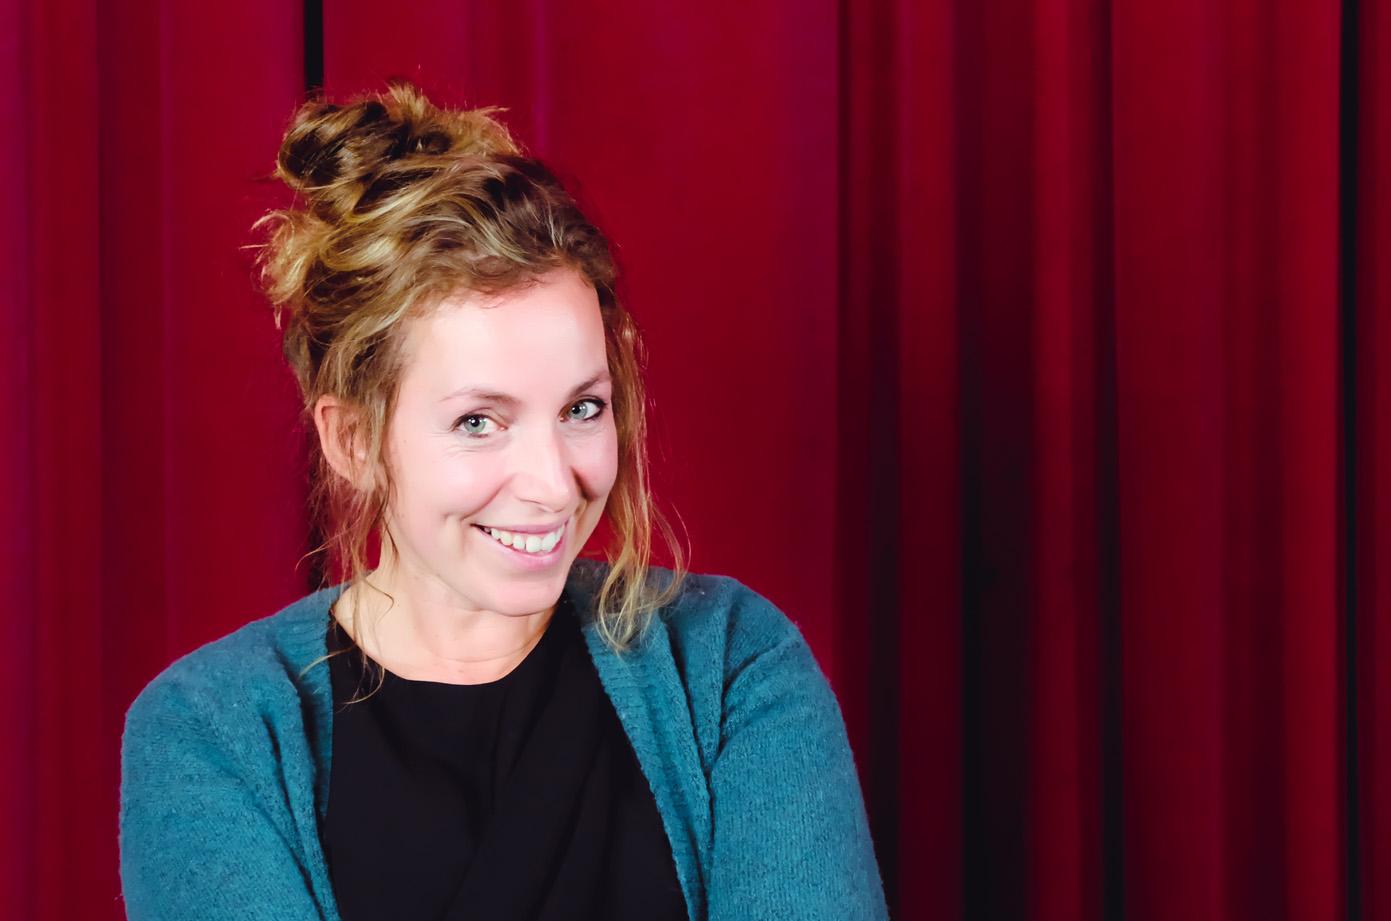 Portret van Evelien Martens, coördinator van de Let's Talk evenementen de bachelor opleiding communicatiemanagement aan Howest, hogeschool West-Vlaanderen campus Kortrijk